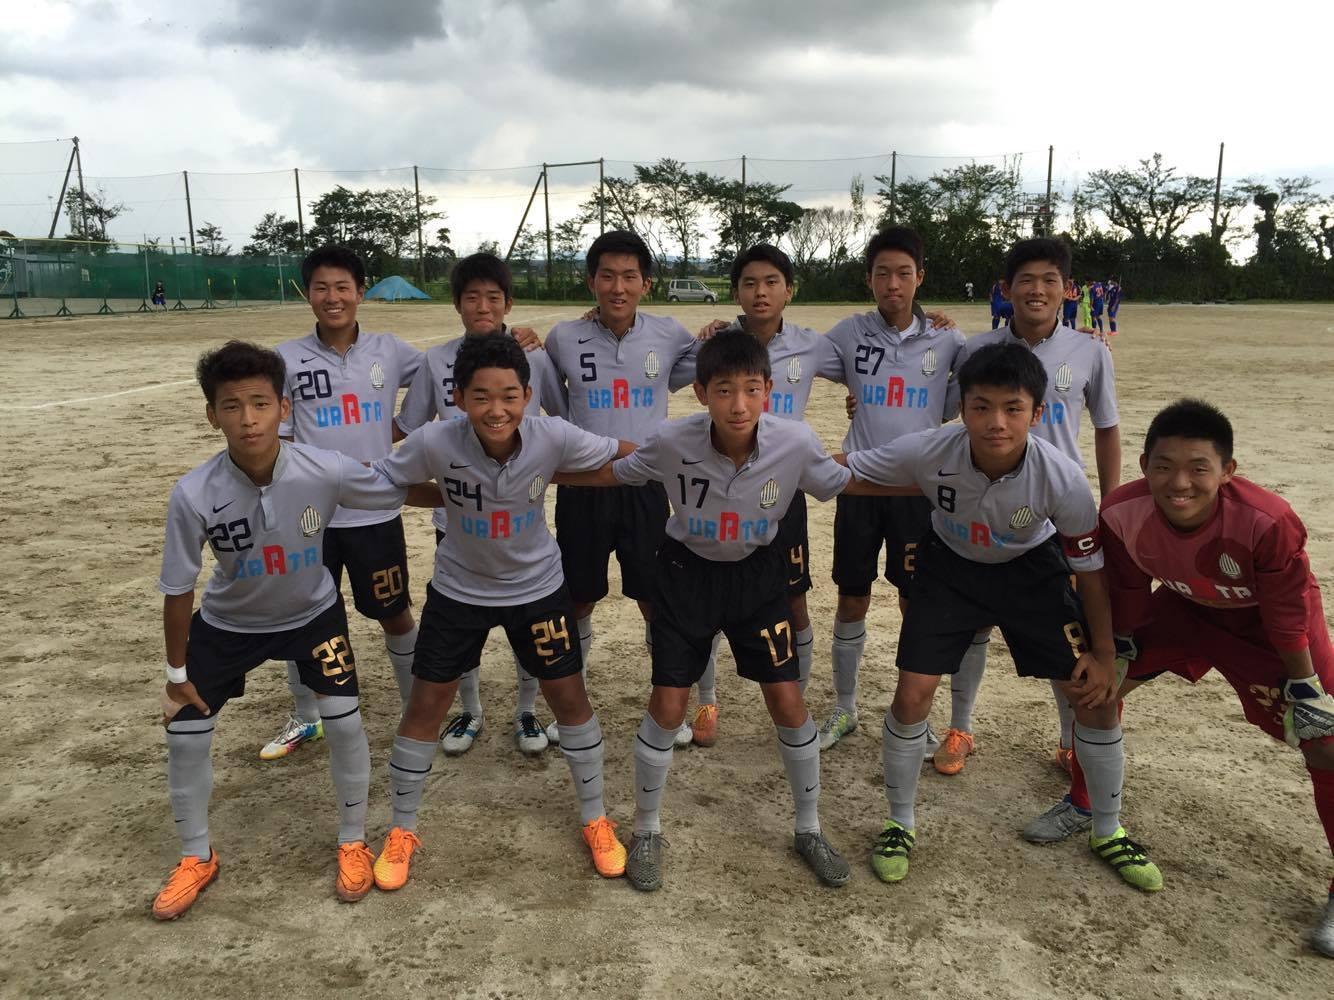 高円宮杯U-18サッカーリーグ2016千葉 3部リーグ第6節結果